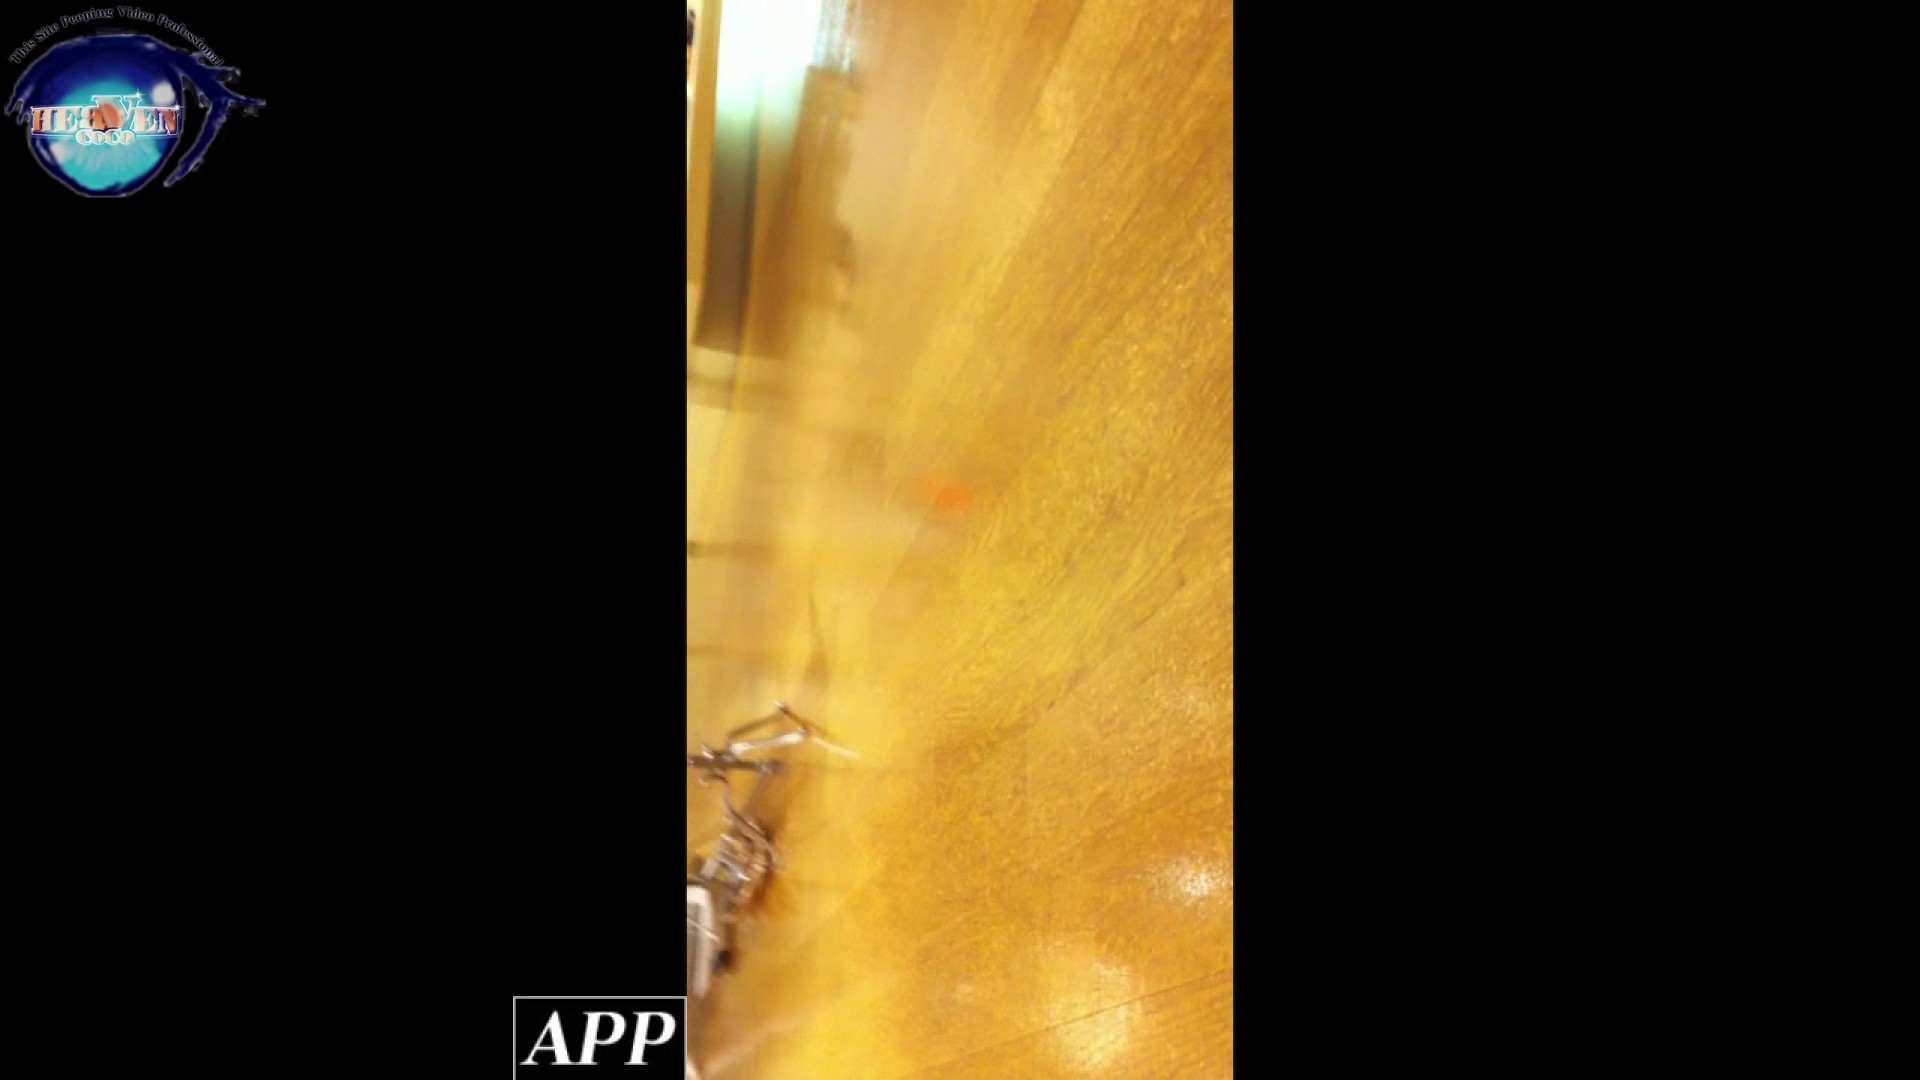 ハイビジョン盗撮!ショップ店員千人斬り!胸チラ編 vol.66 盗撮 性交動画流出 81連発 8